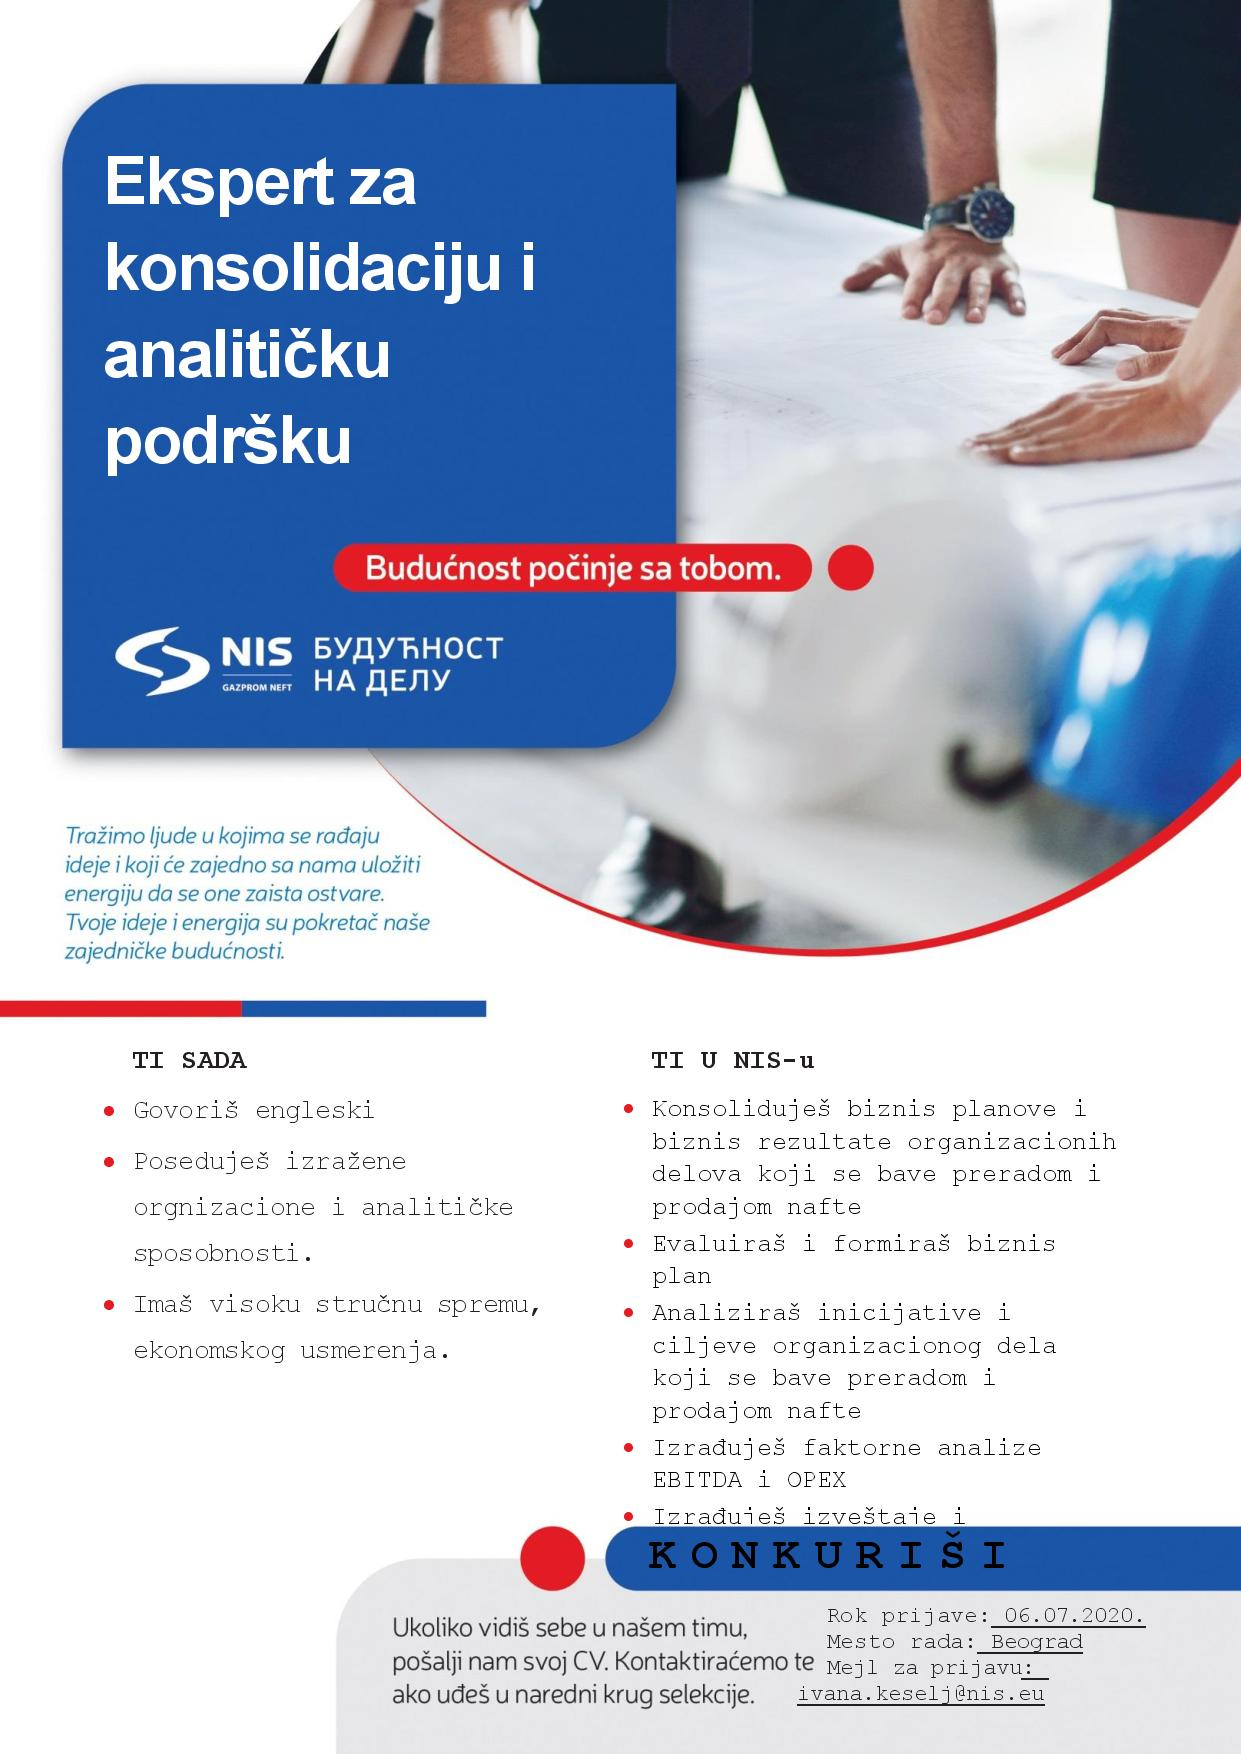 Ekspert za konsolidaciju i analitičku podršku-page-001